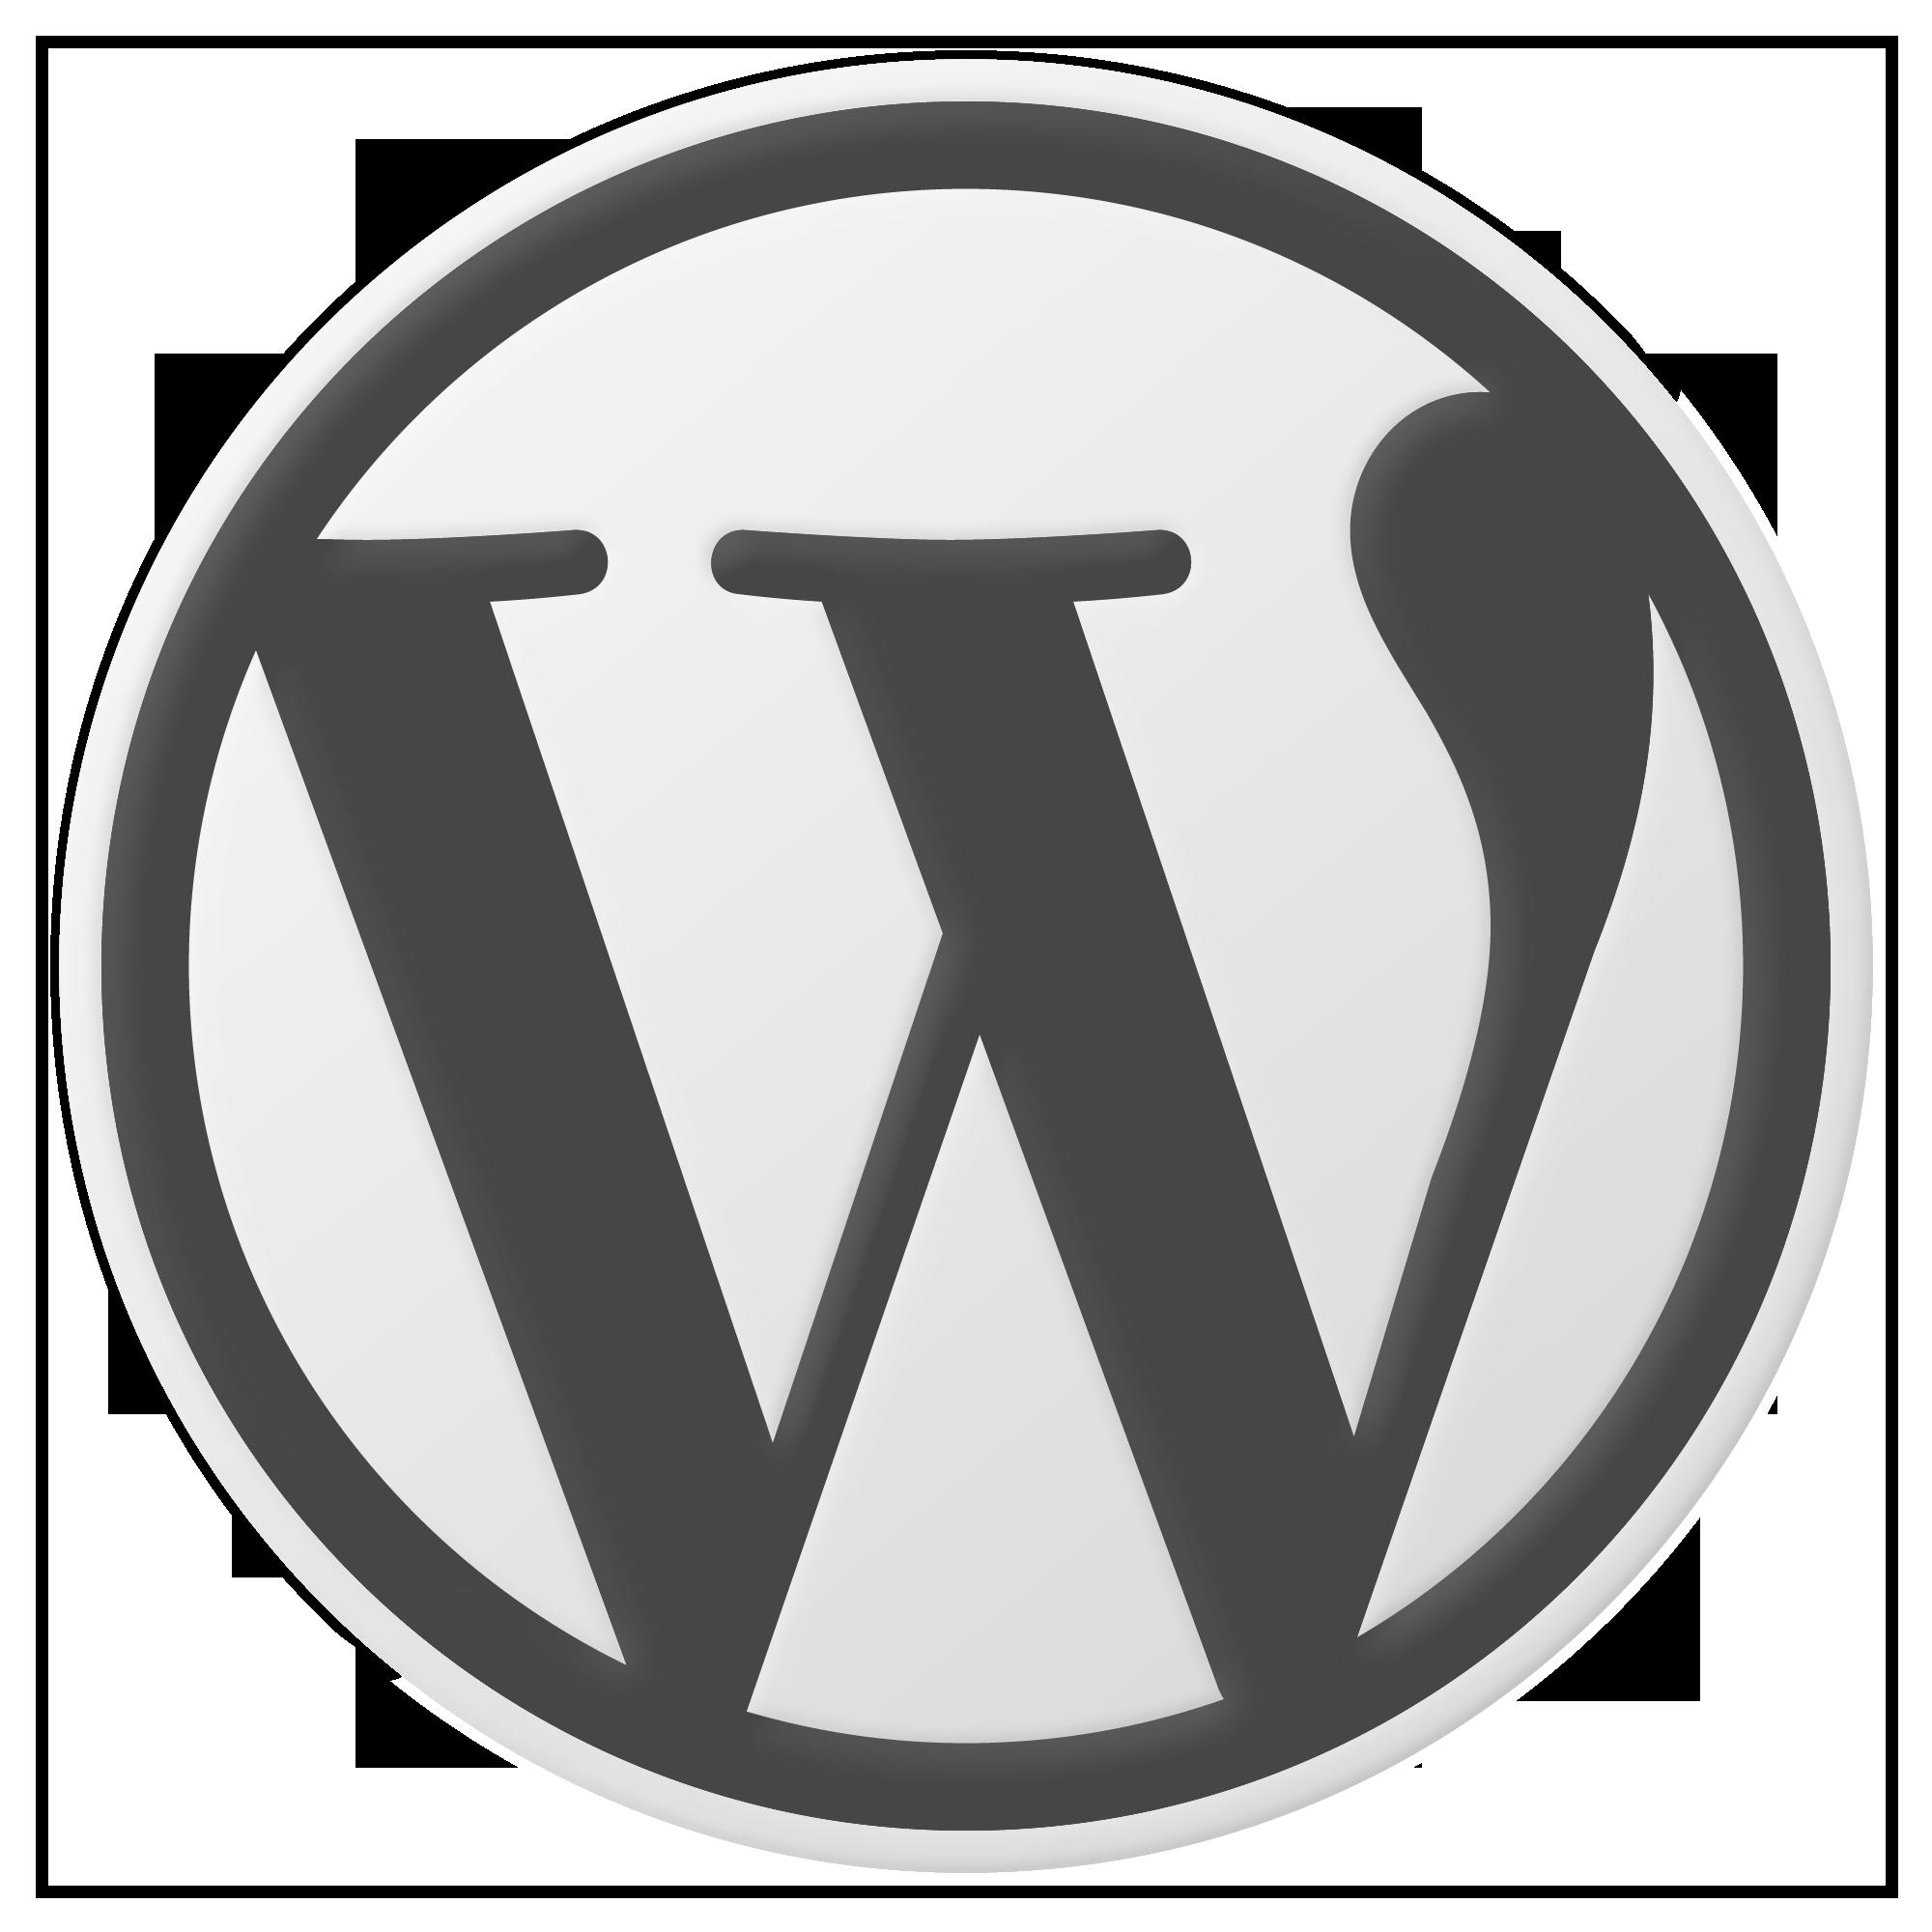 Bildergebnis für fotos vom word press logo